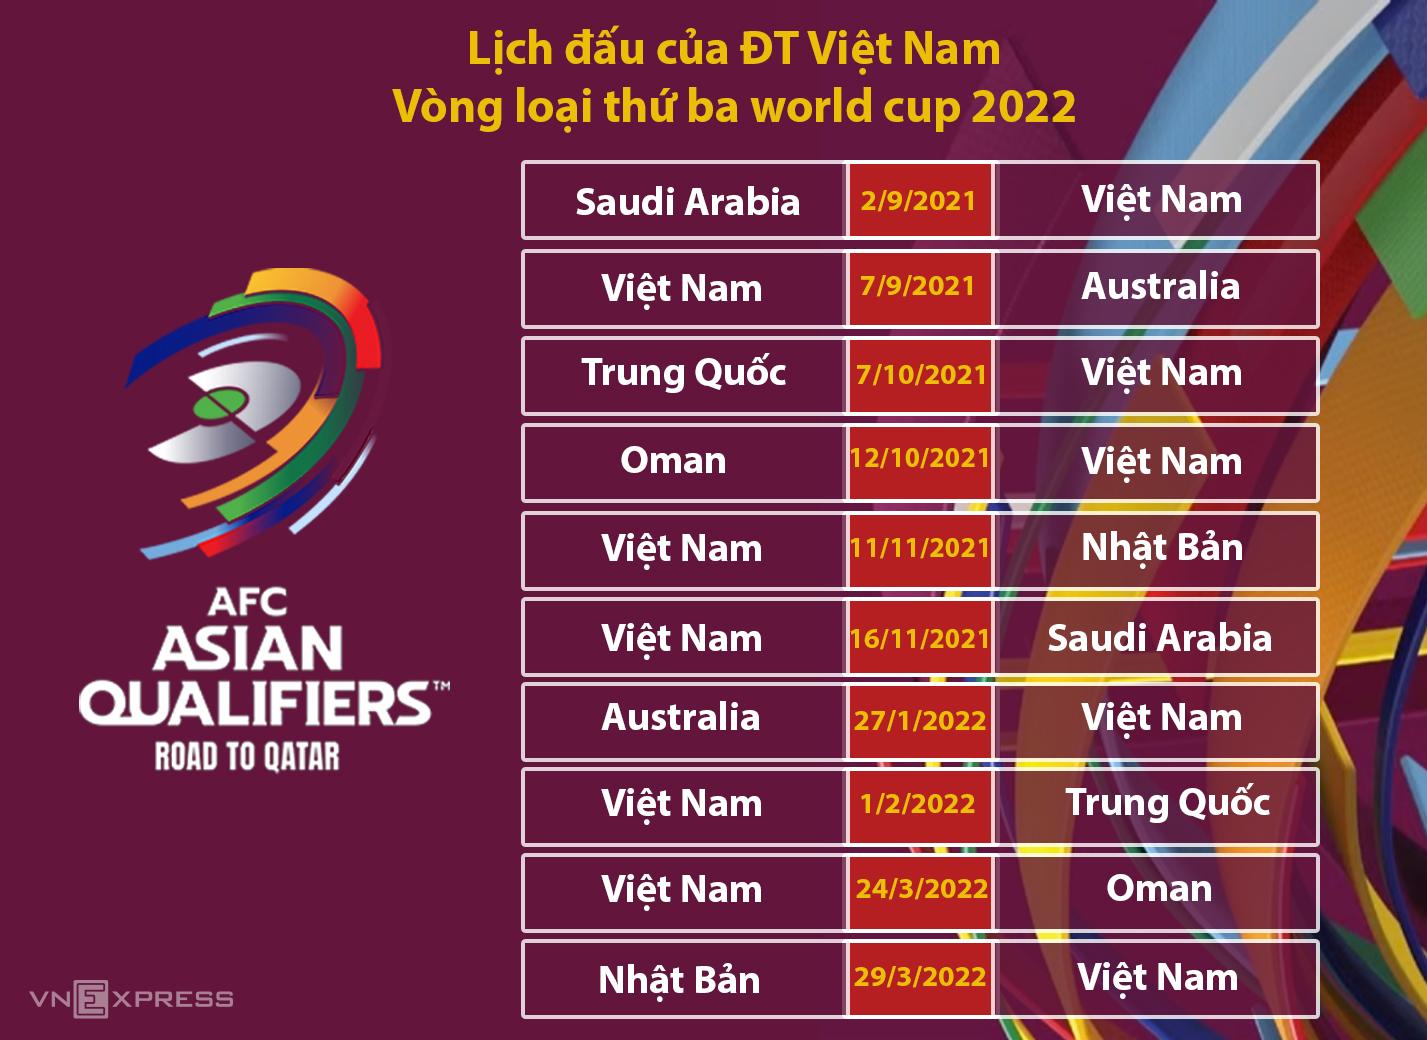 Nguyễn Tiến Linh: 'Các đối thủ nhìn Việt Nam như mồi ngon'-baccarat game-baccarat game download-rich888